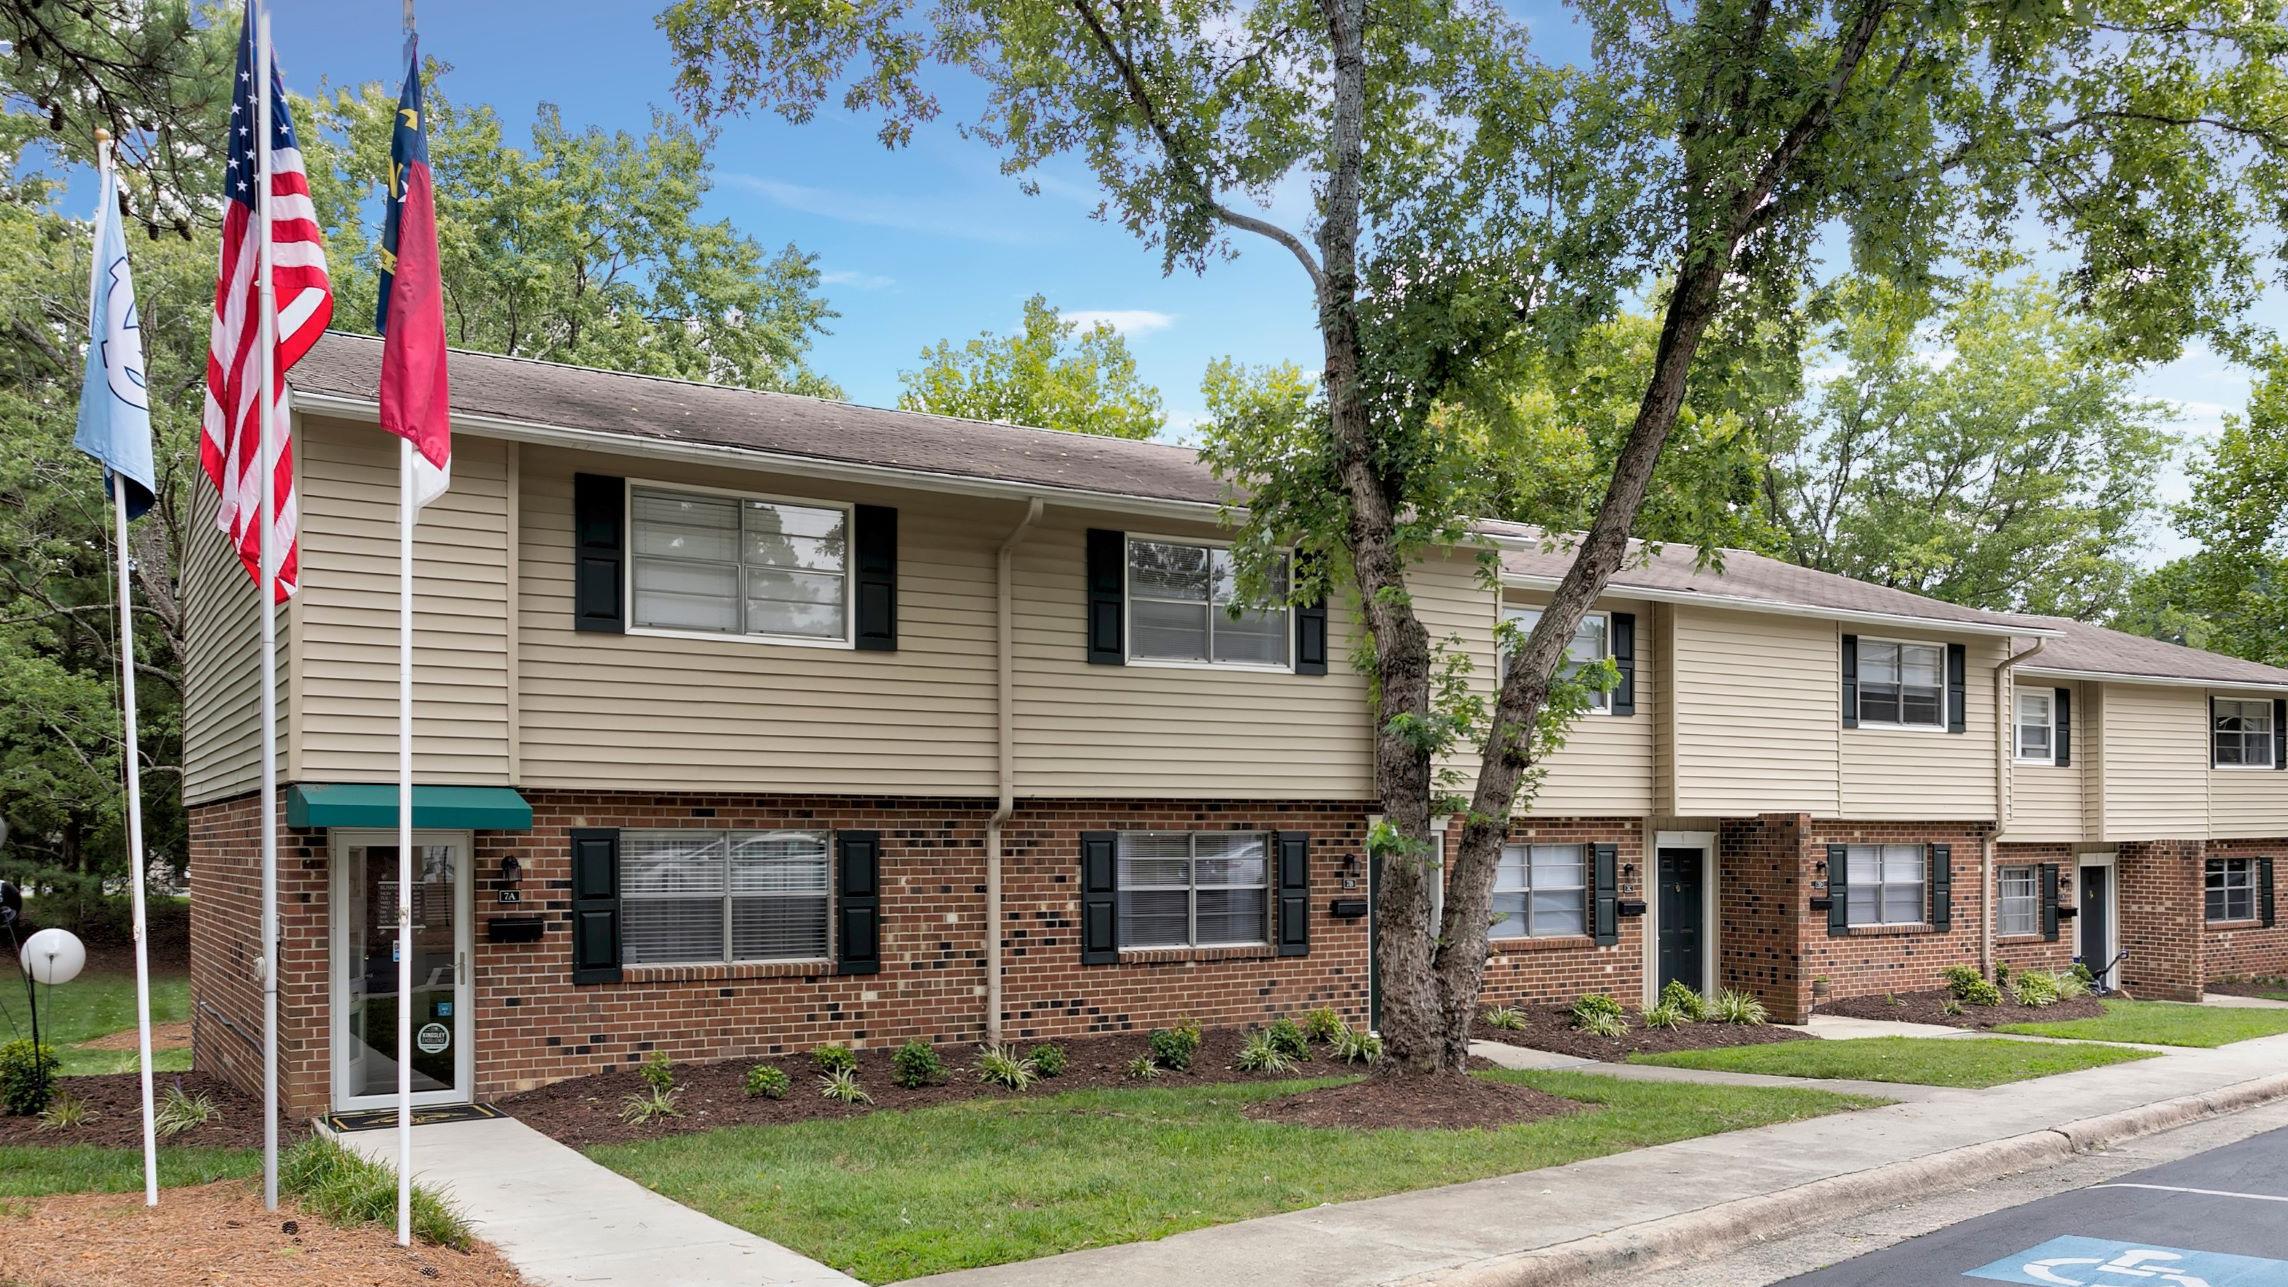 Booker Creek Townhouse Apartments reviews | Apartments at 2525 Booker Creek Road  Apt 7 A - Chapel Hill NC